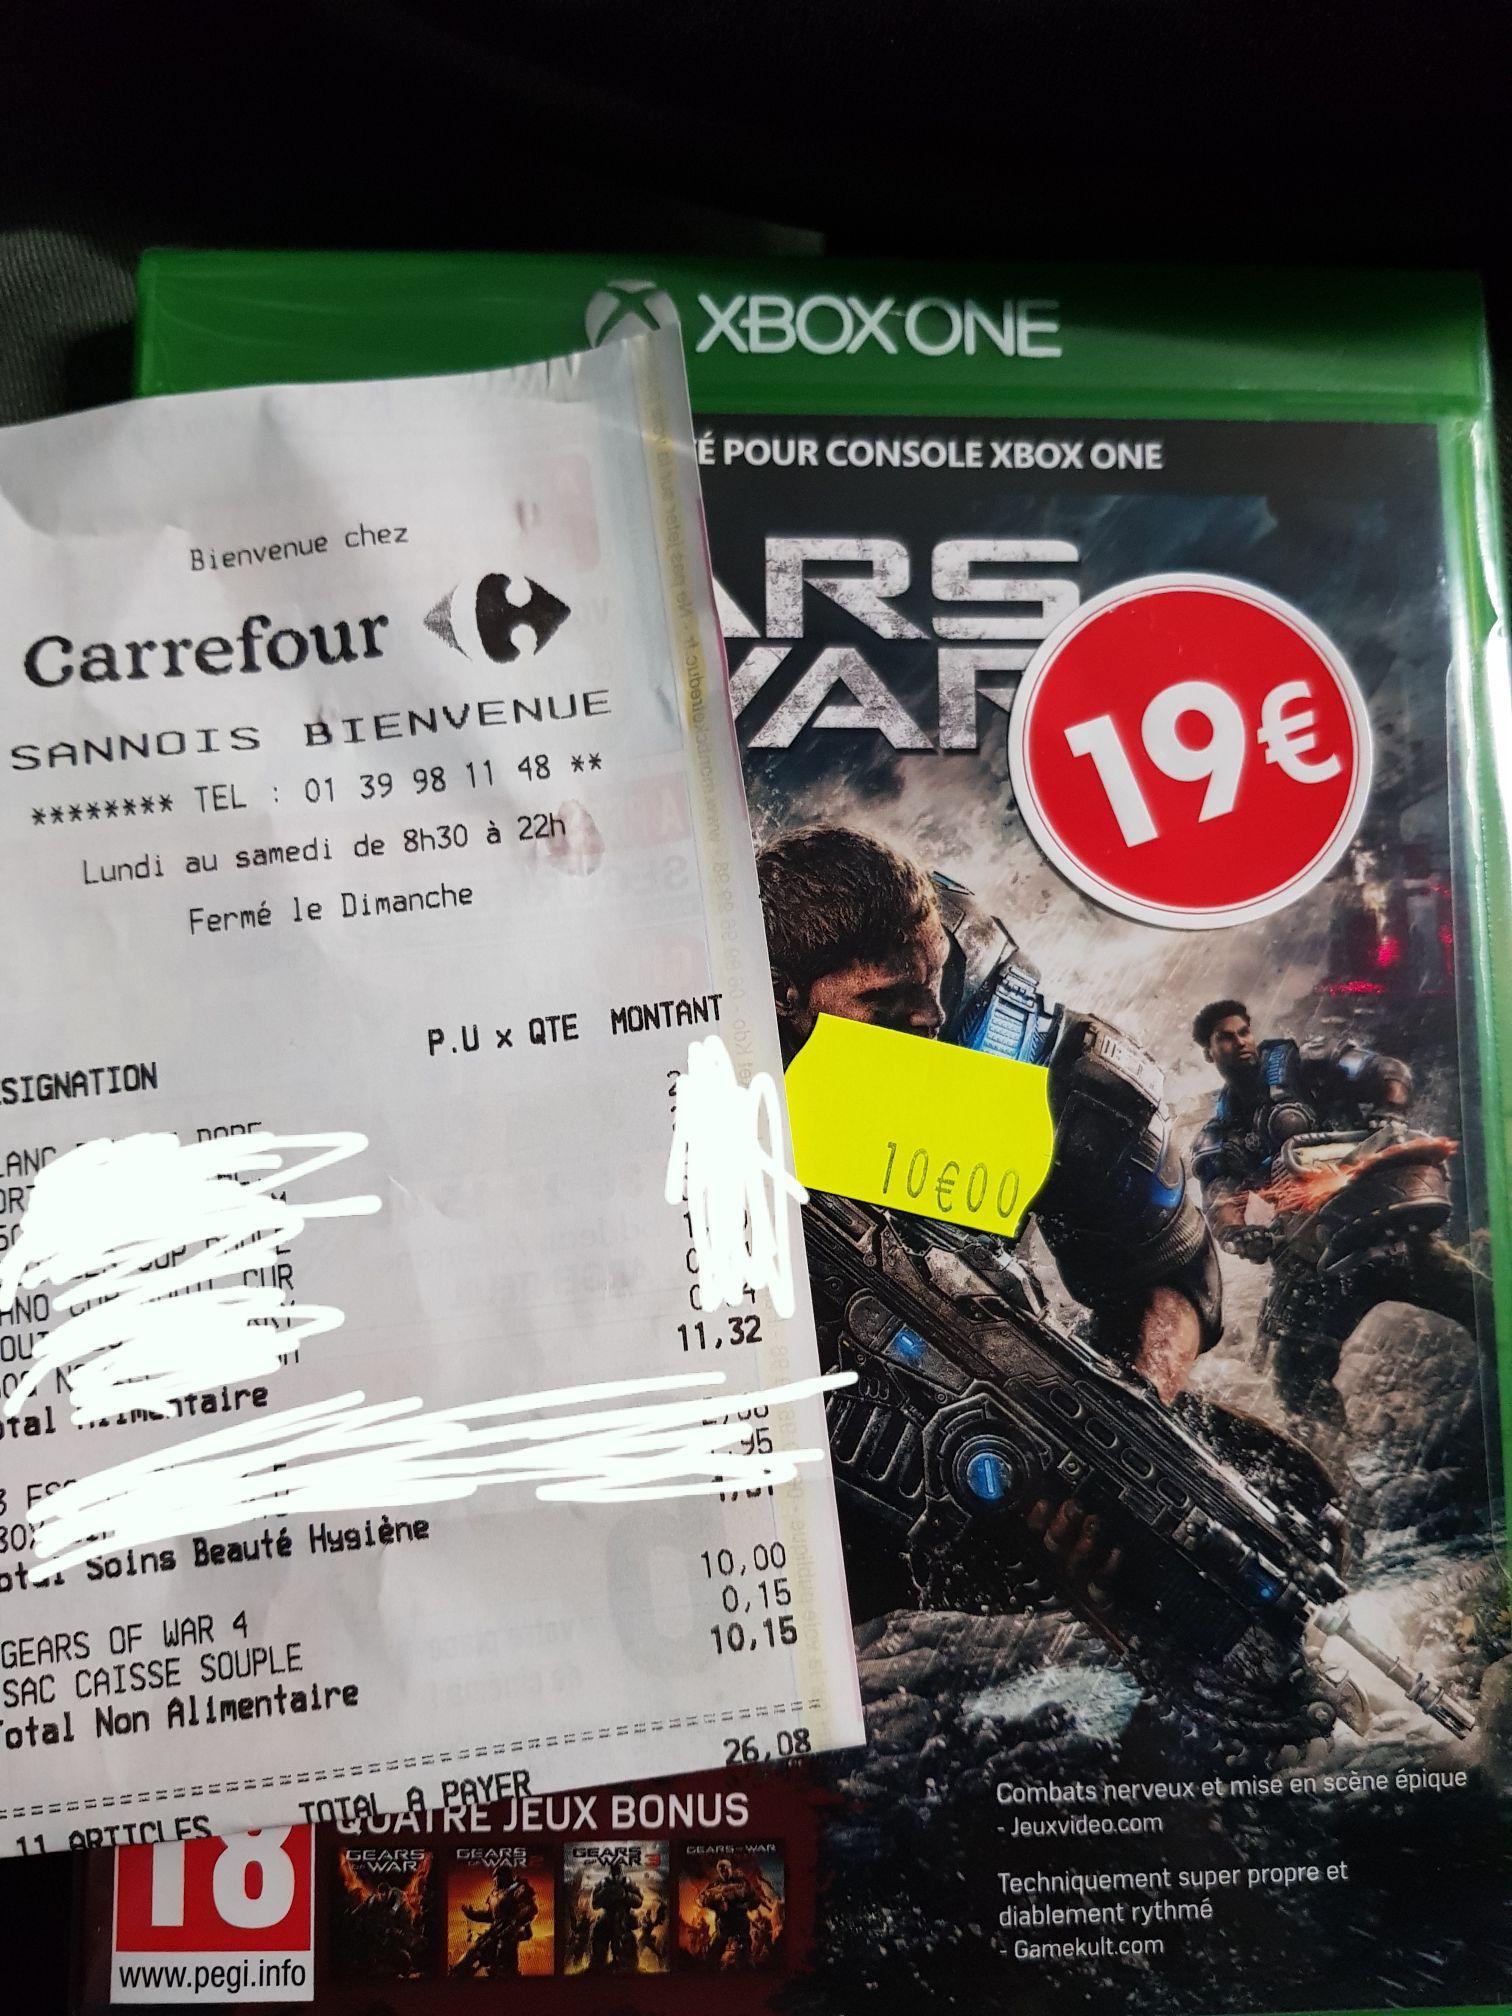 Sélection de jeux Xbox One en promotion - Ex : Gear of War 4 - Sannois (95)